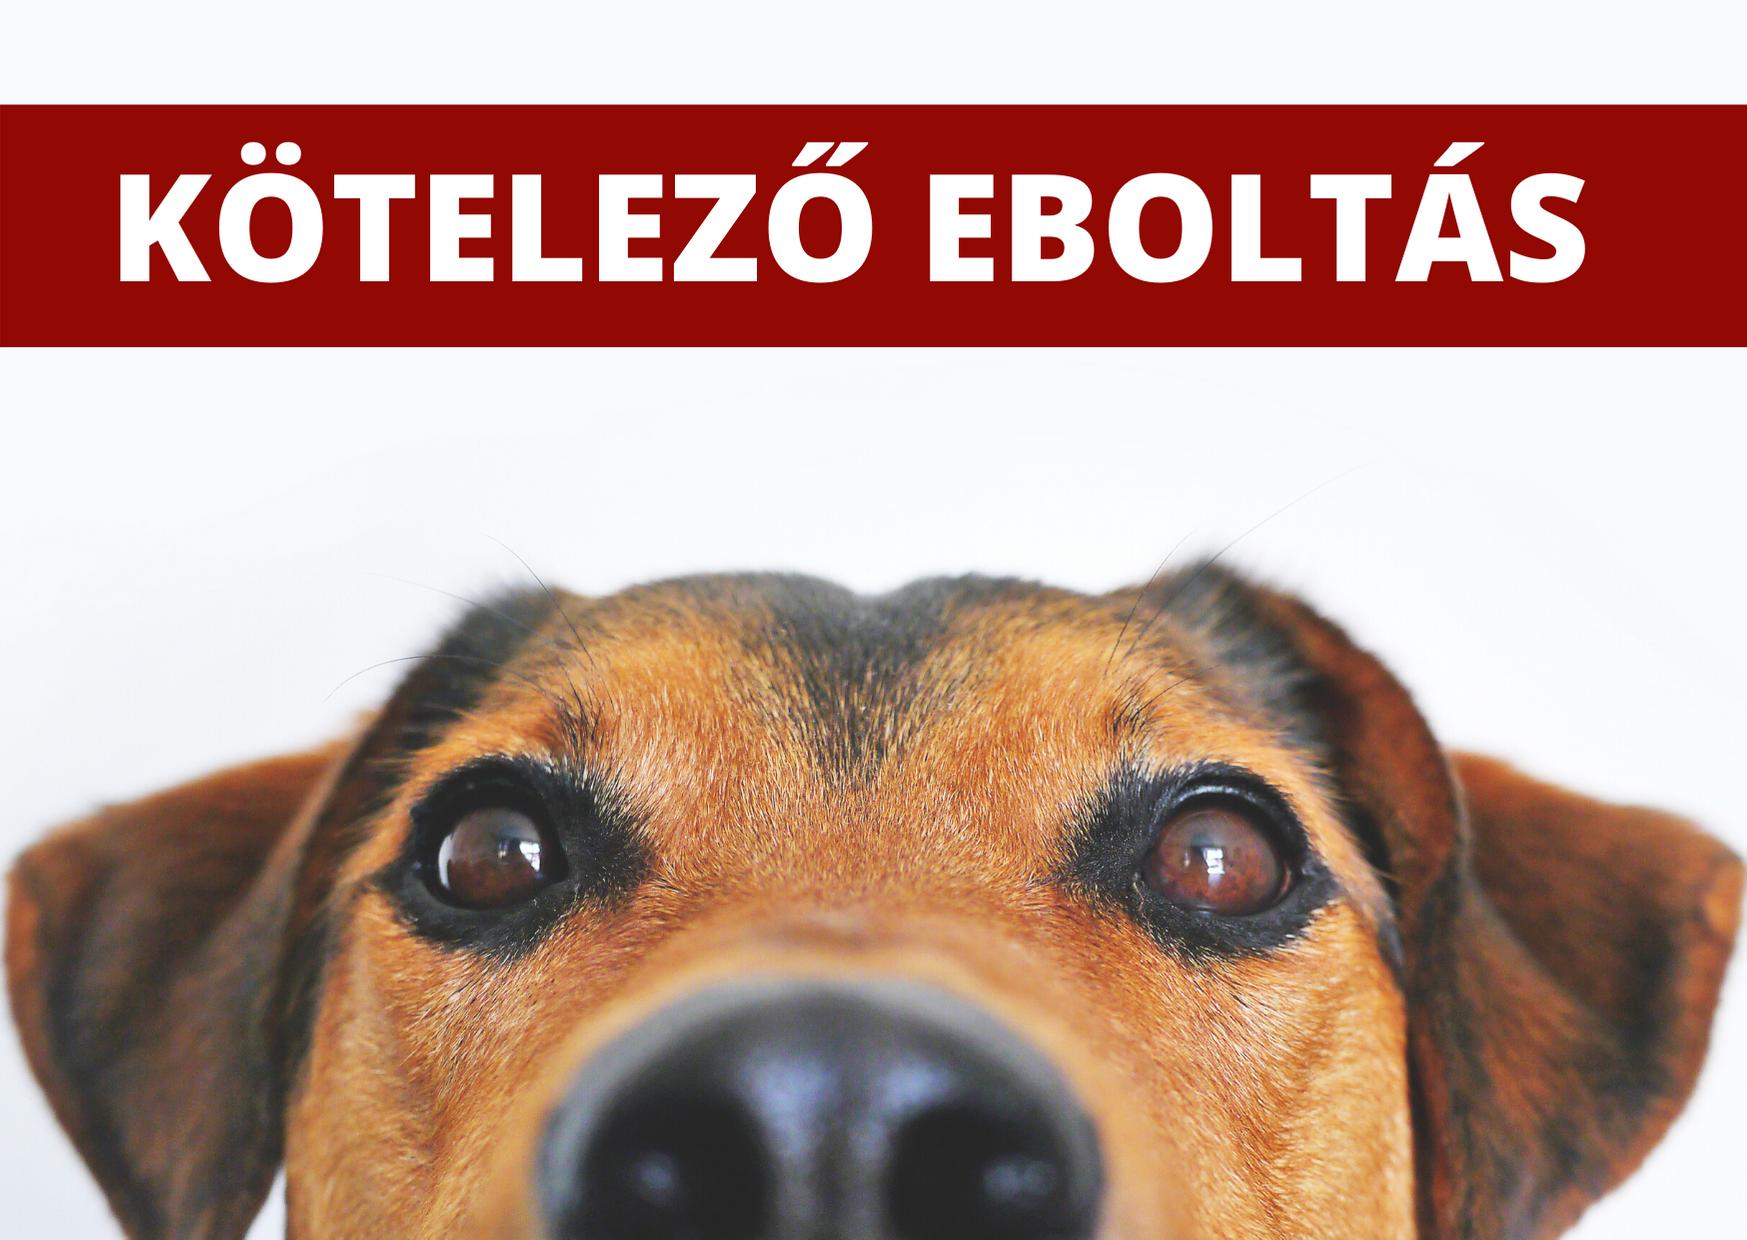 Hirdetmény - kötelező eboltás